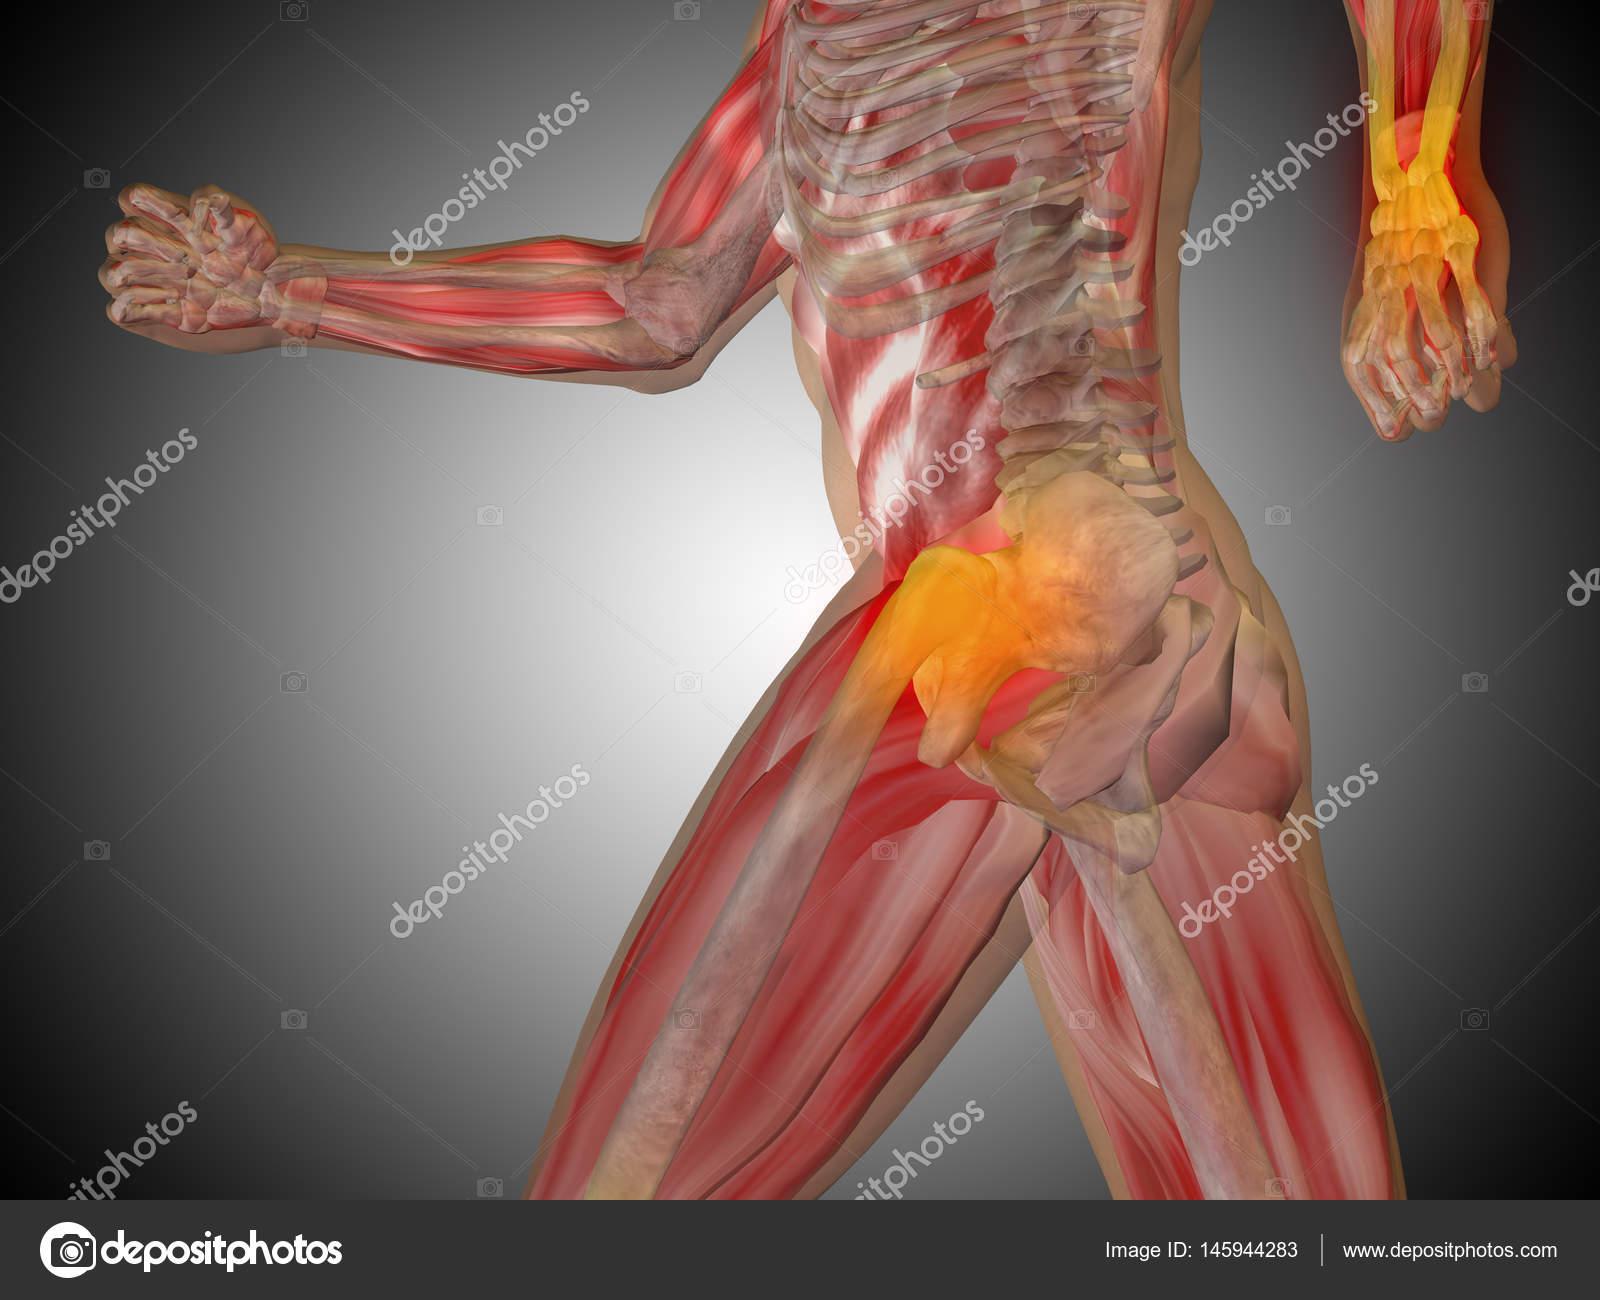 modelo de anatomía humana — Foto de stock © design36 #145944283